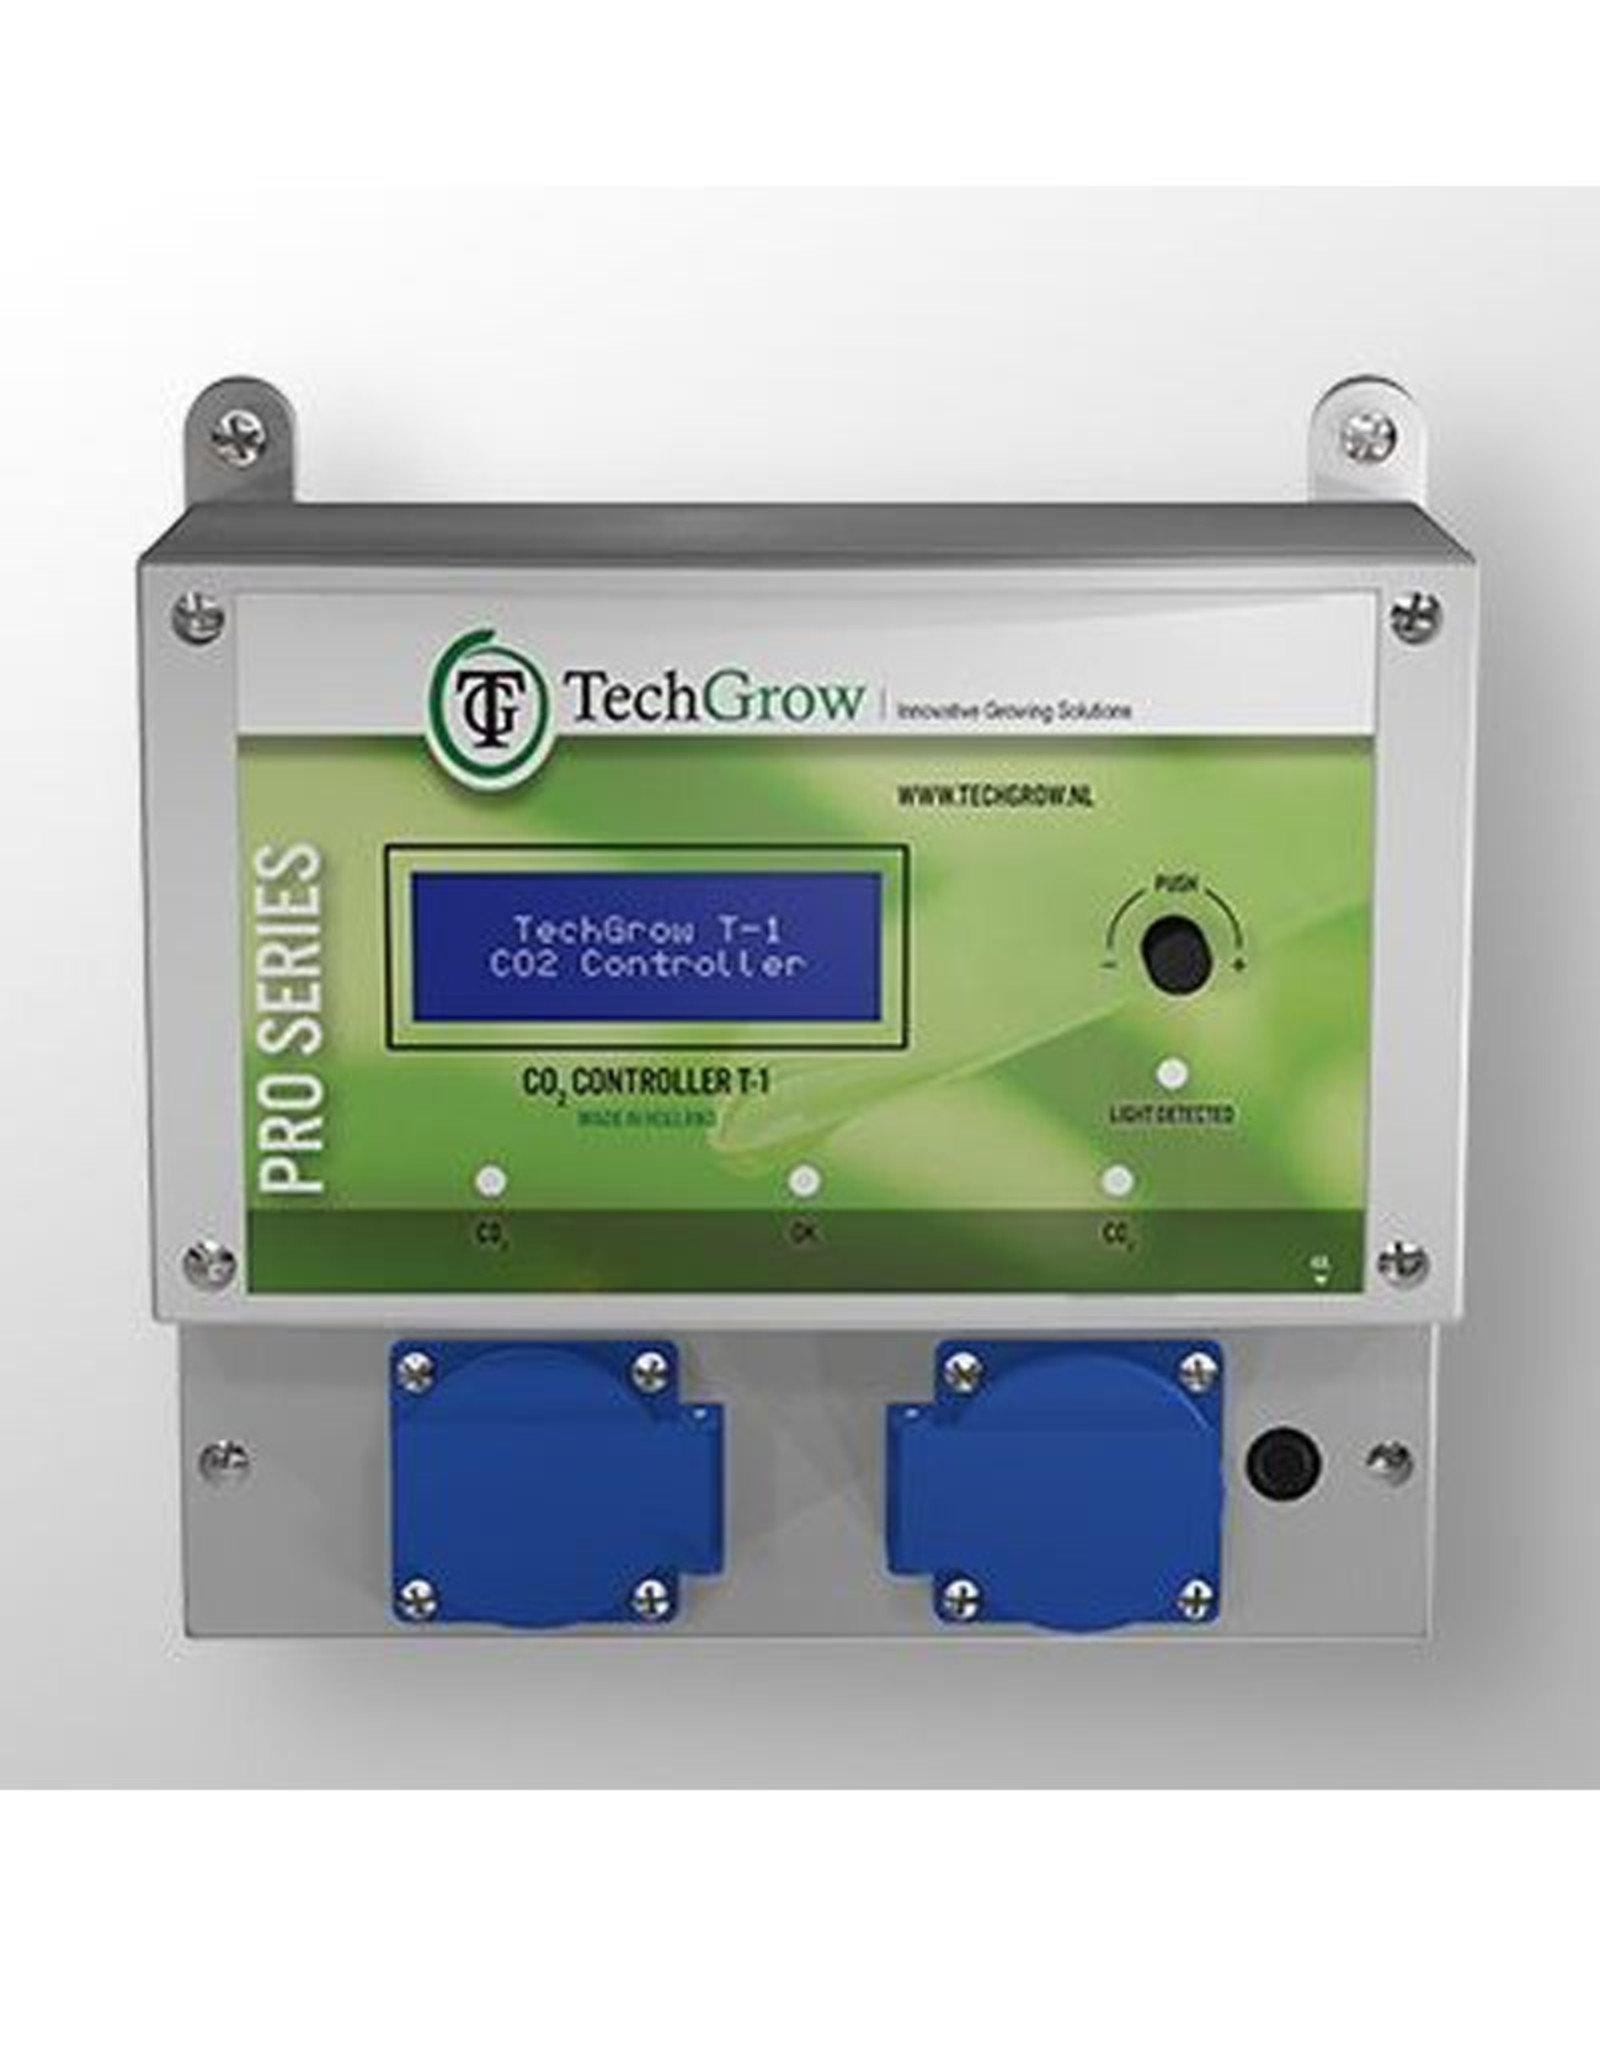 TechGrow TECHGROW T1 PRO CO2 CONTROLLER EXCL SENSOR